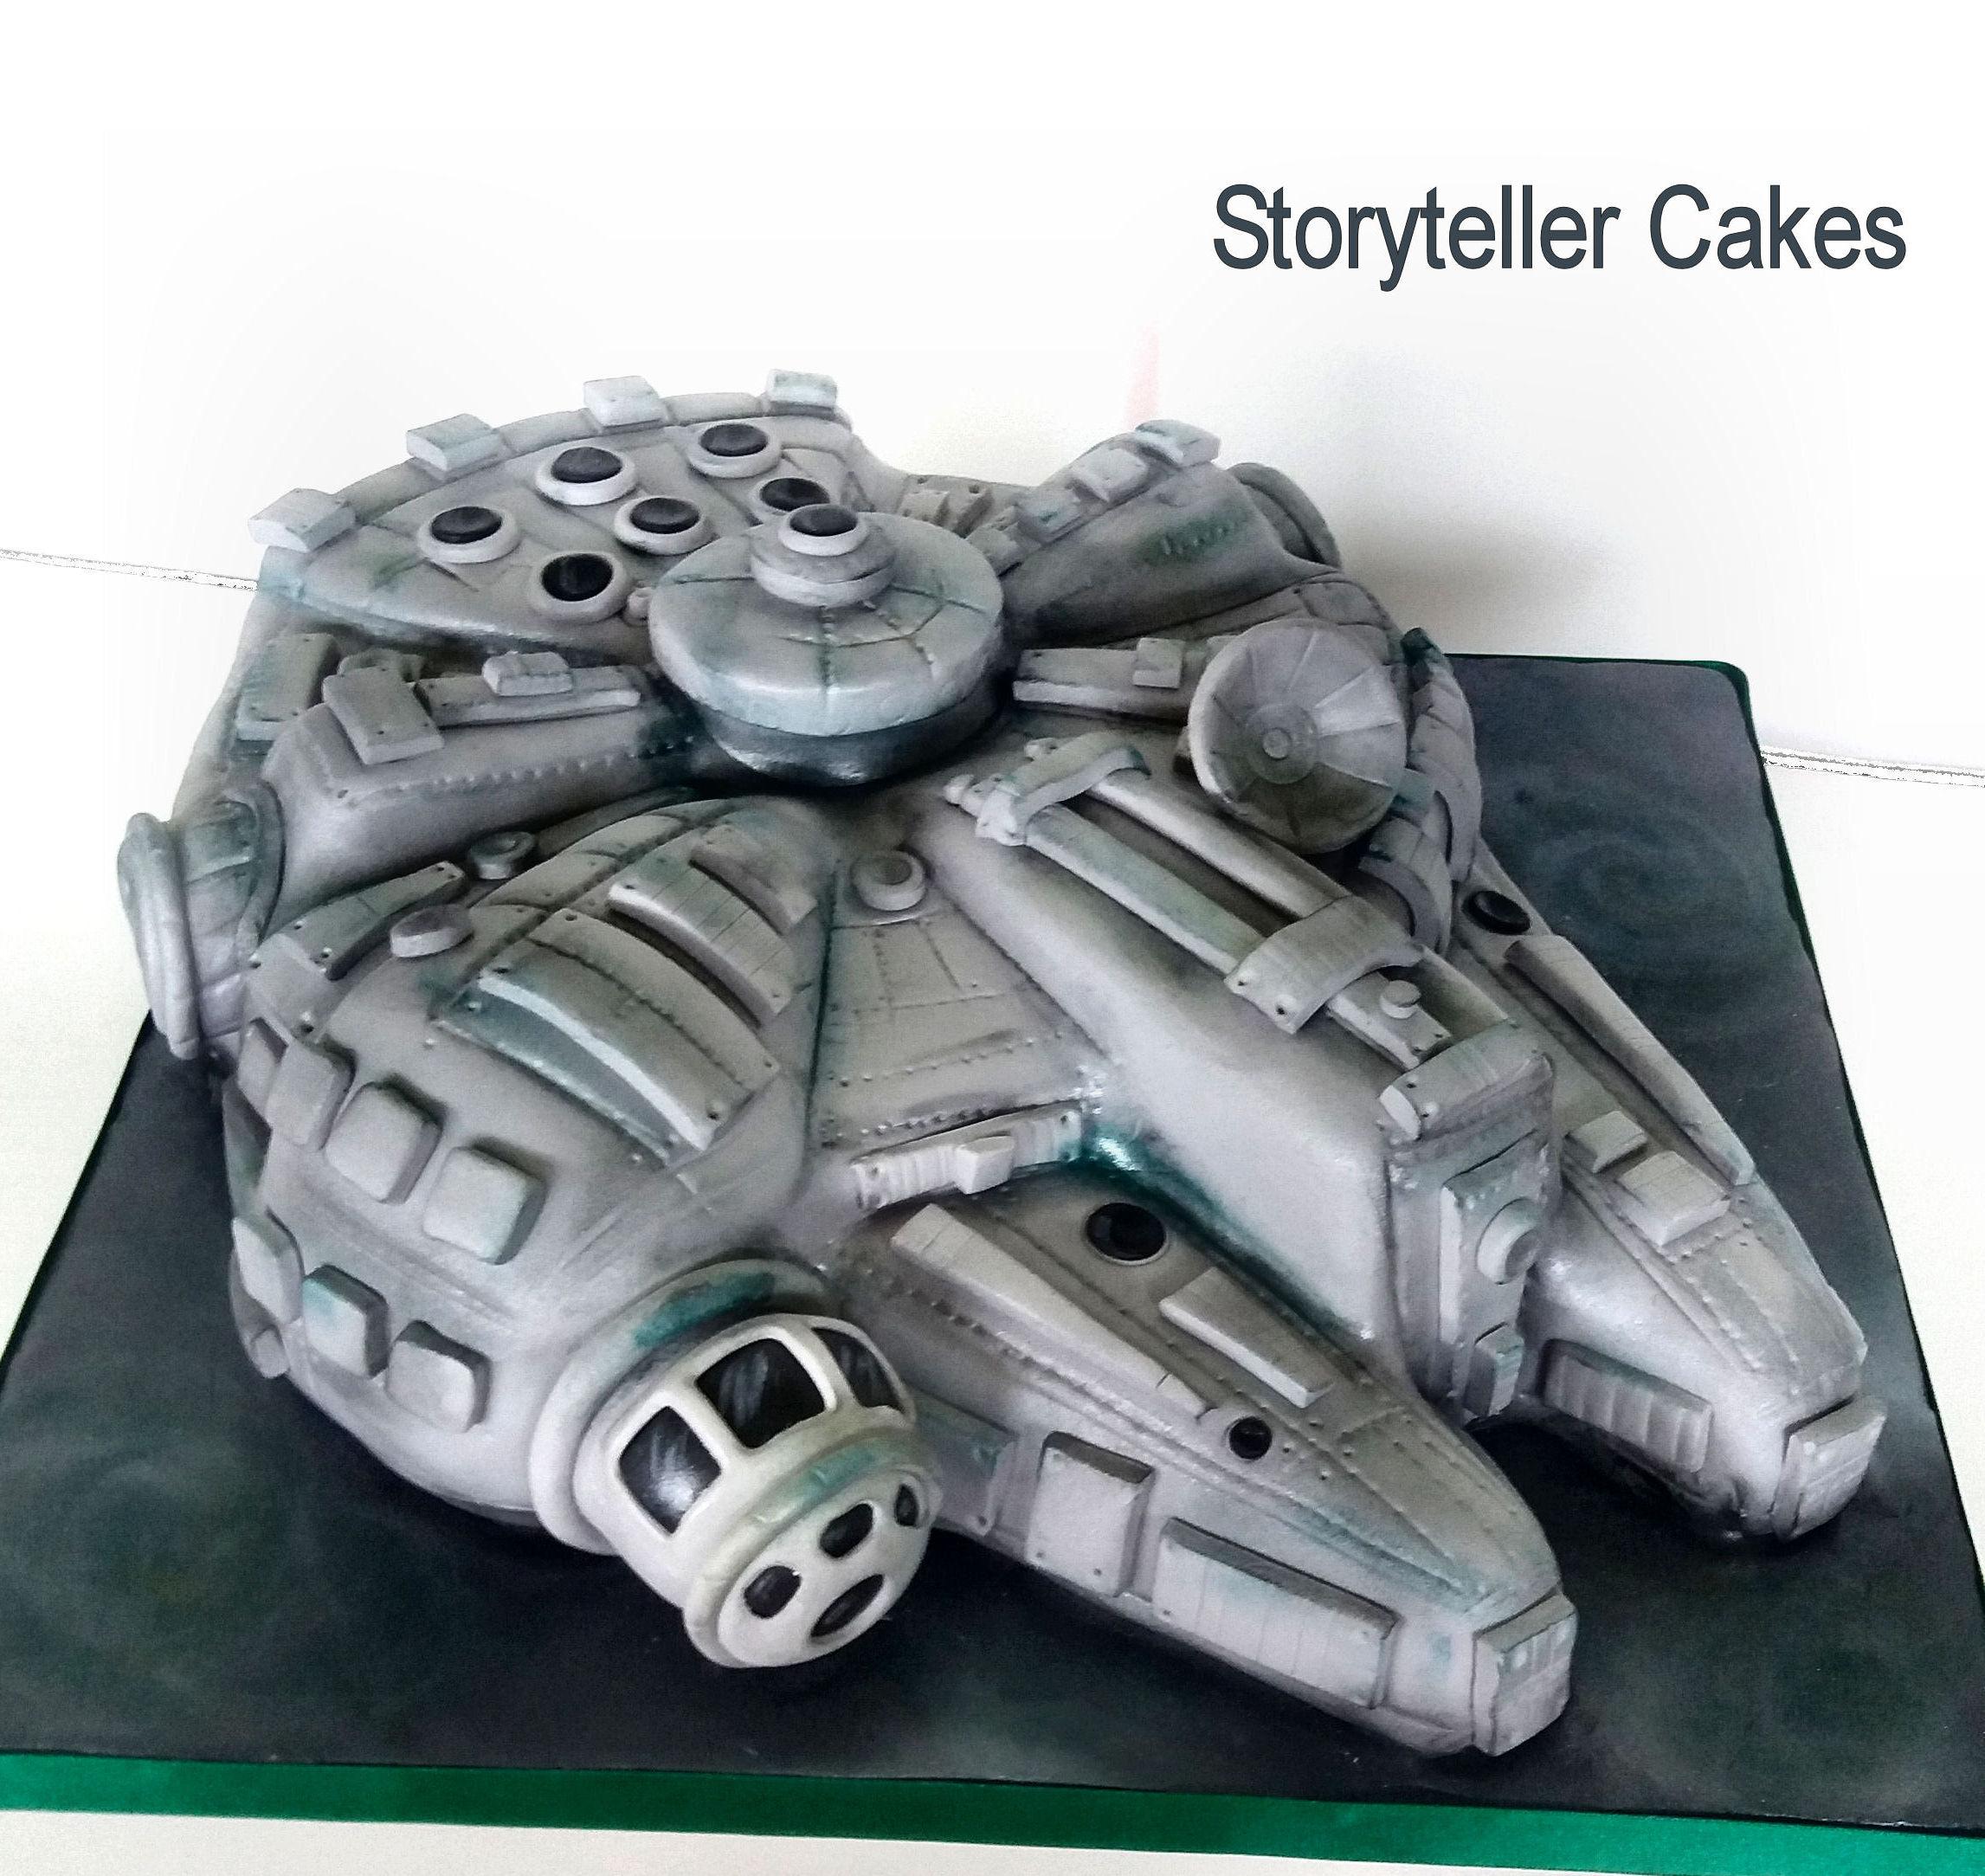 millennium Flacon cake